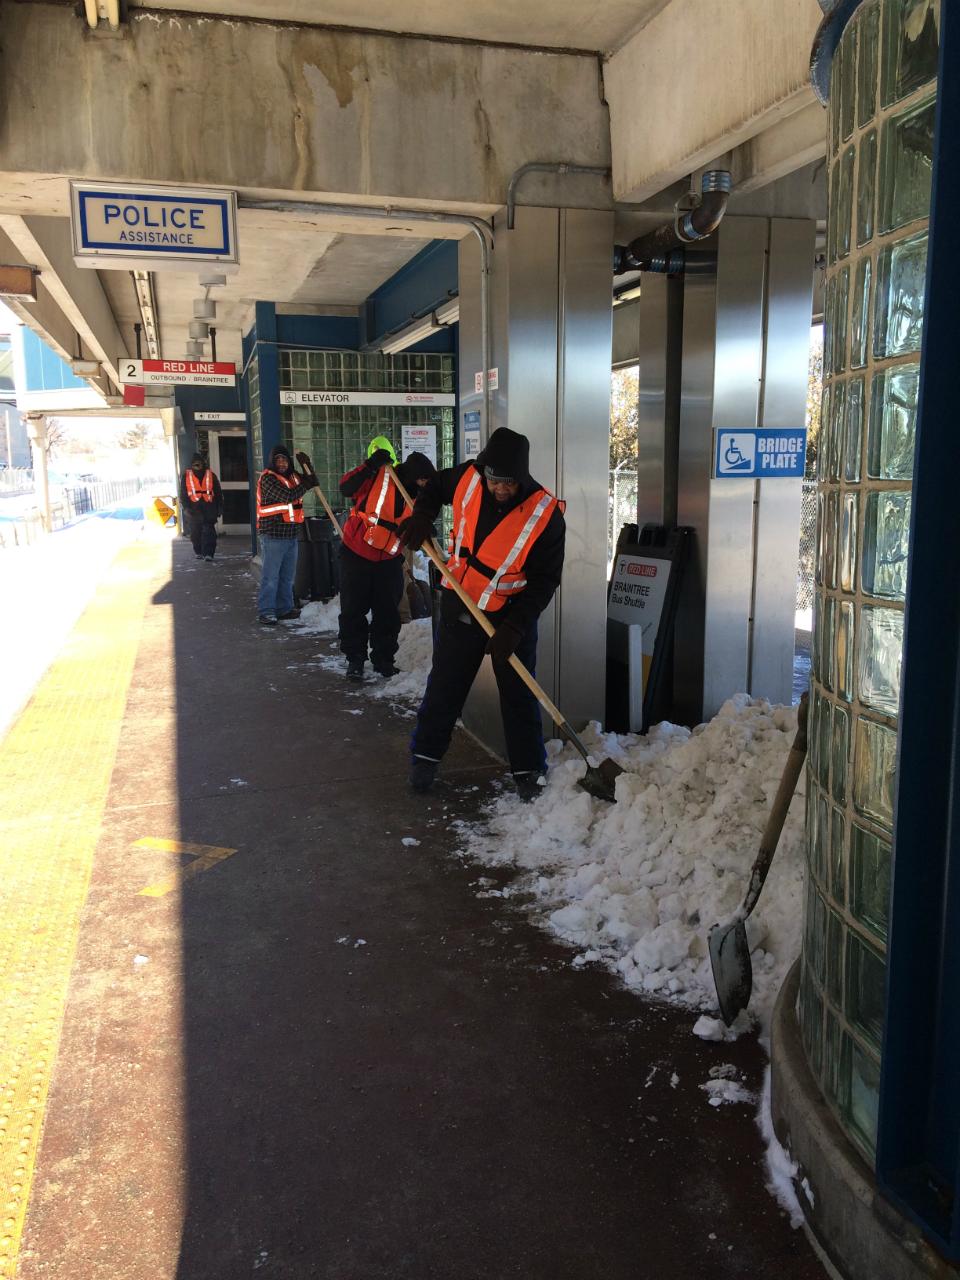 north-quincy-shoveling-crew-orange-vests_0.jpg